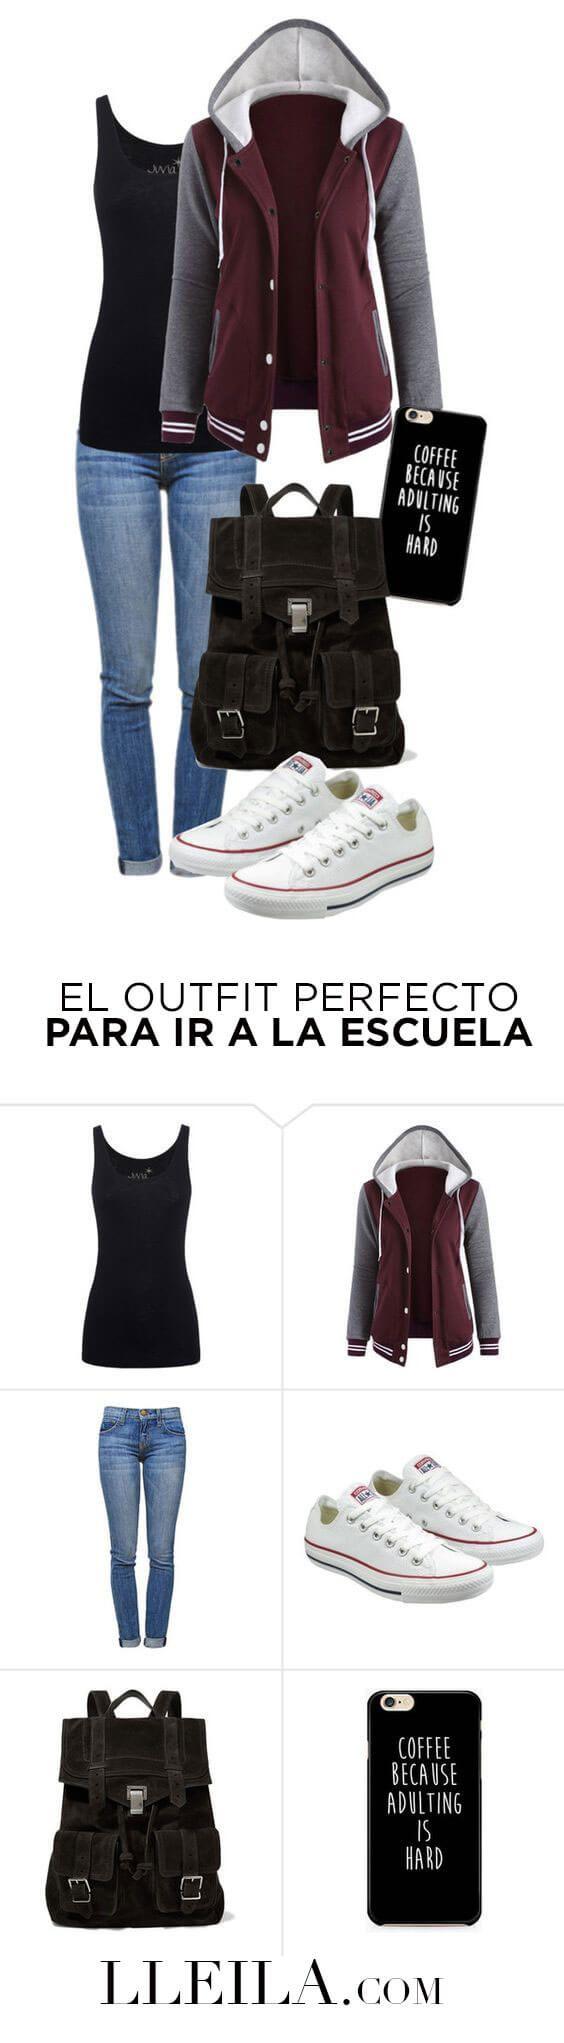 el outfit perfecto para ir a la escuela